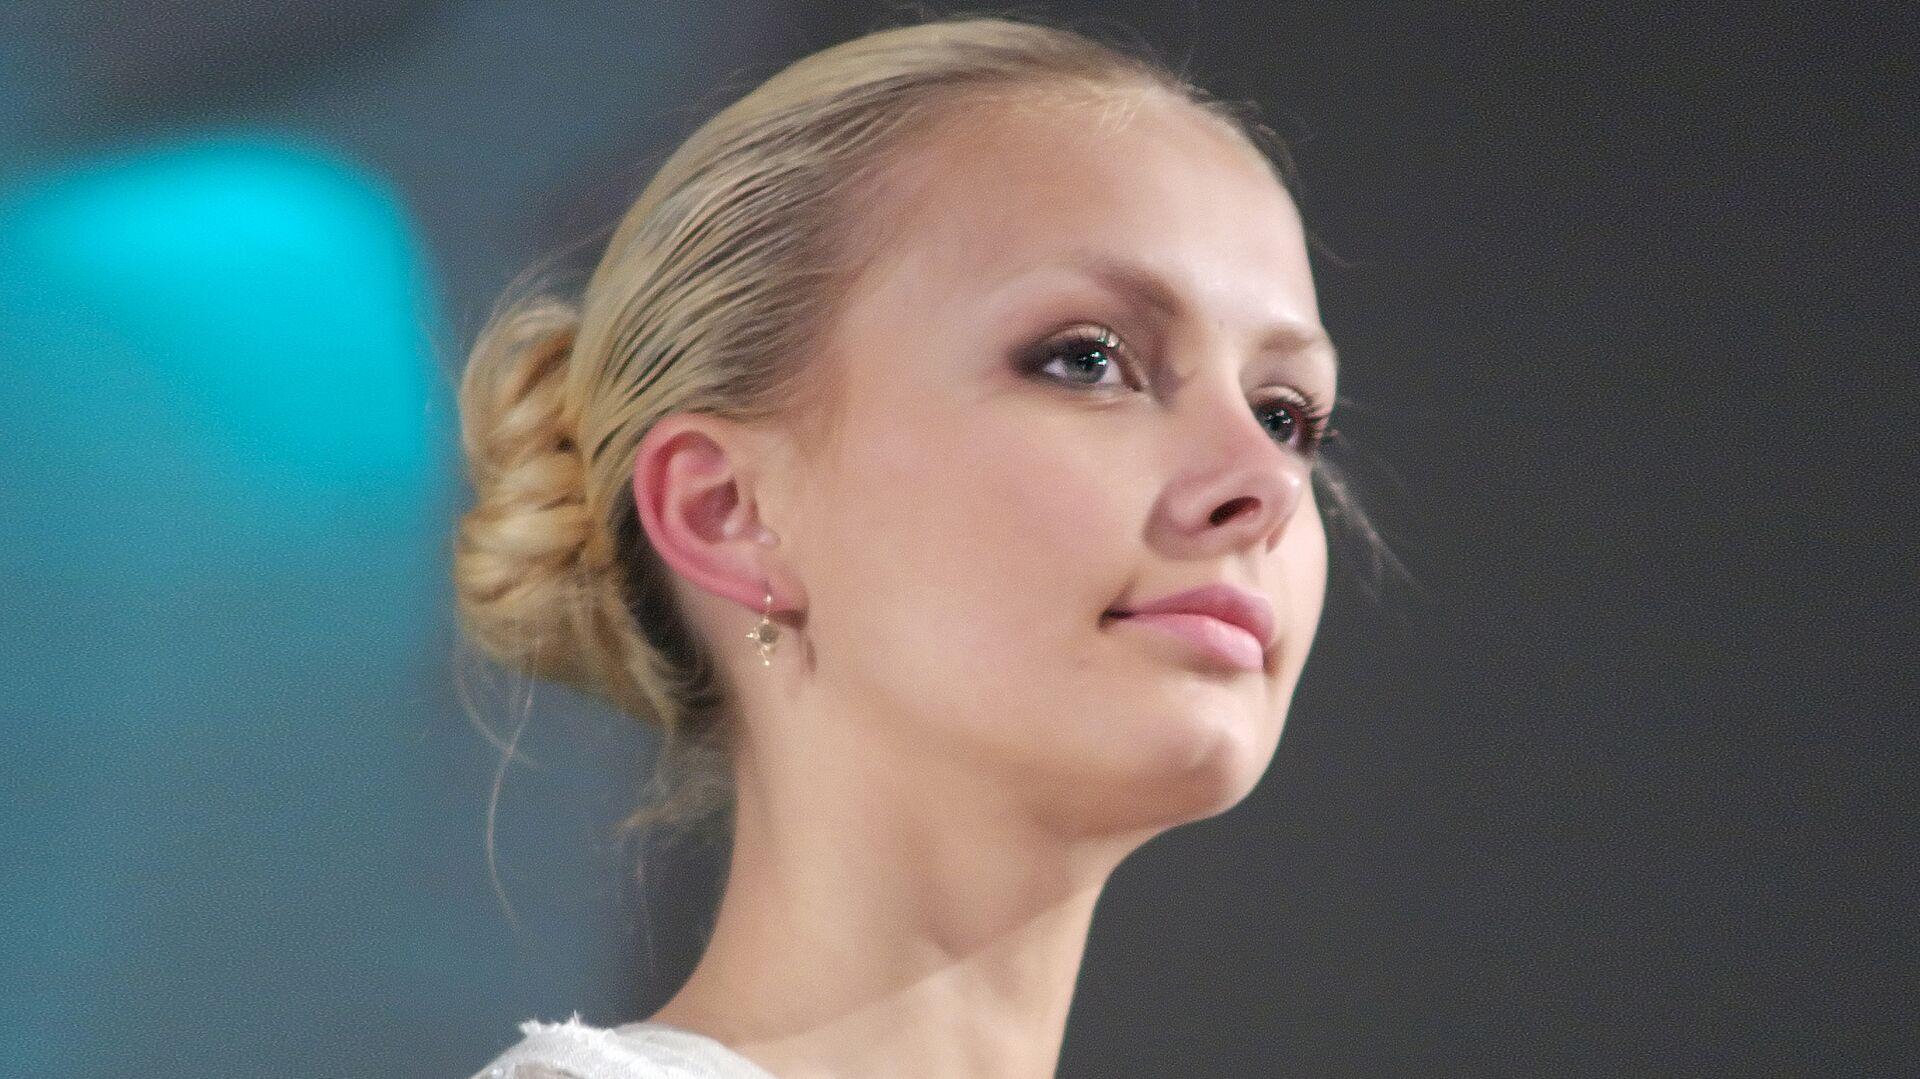 Белорусская модель, победительница конкурса Мисс Беларусь-2008 Ольга Хижинкова - РИА Новости, 1920, 20.12.2020